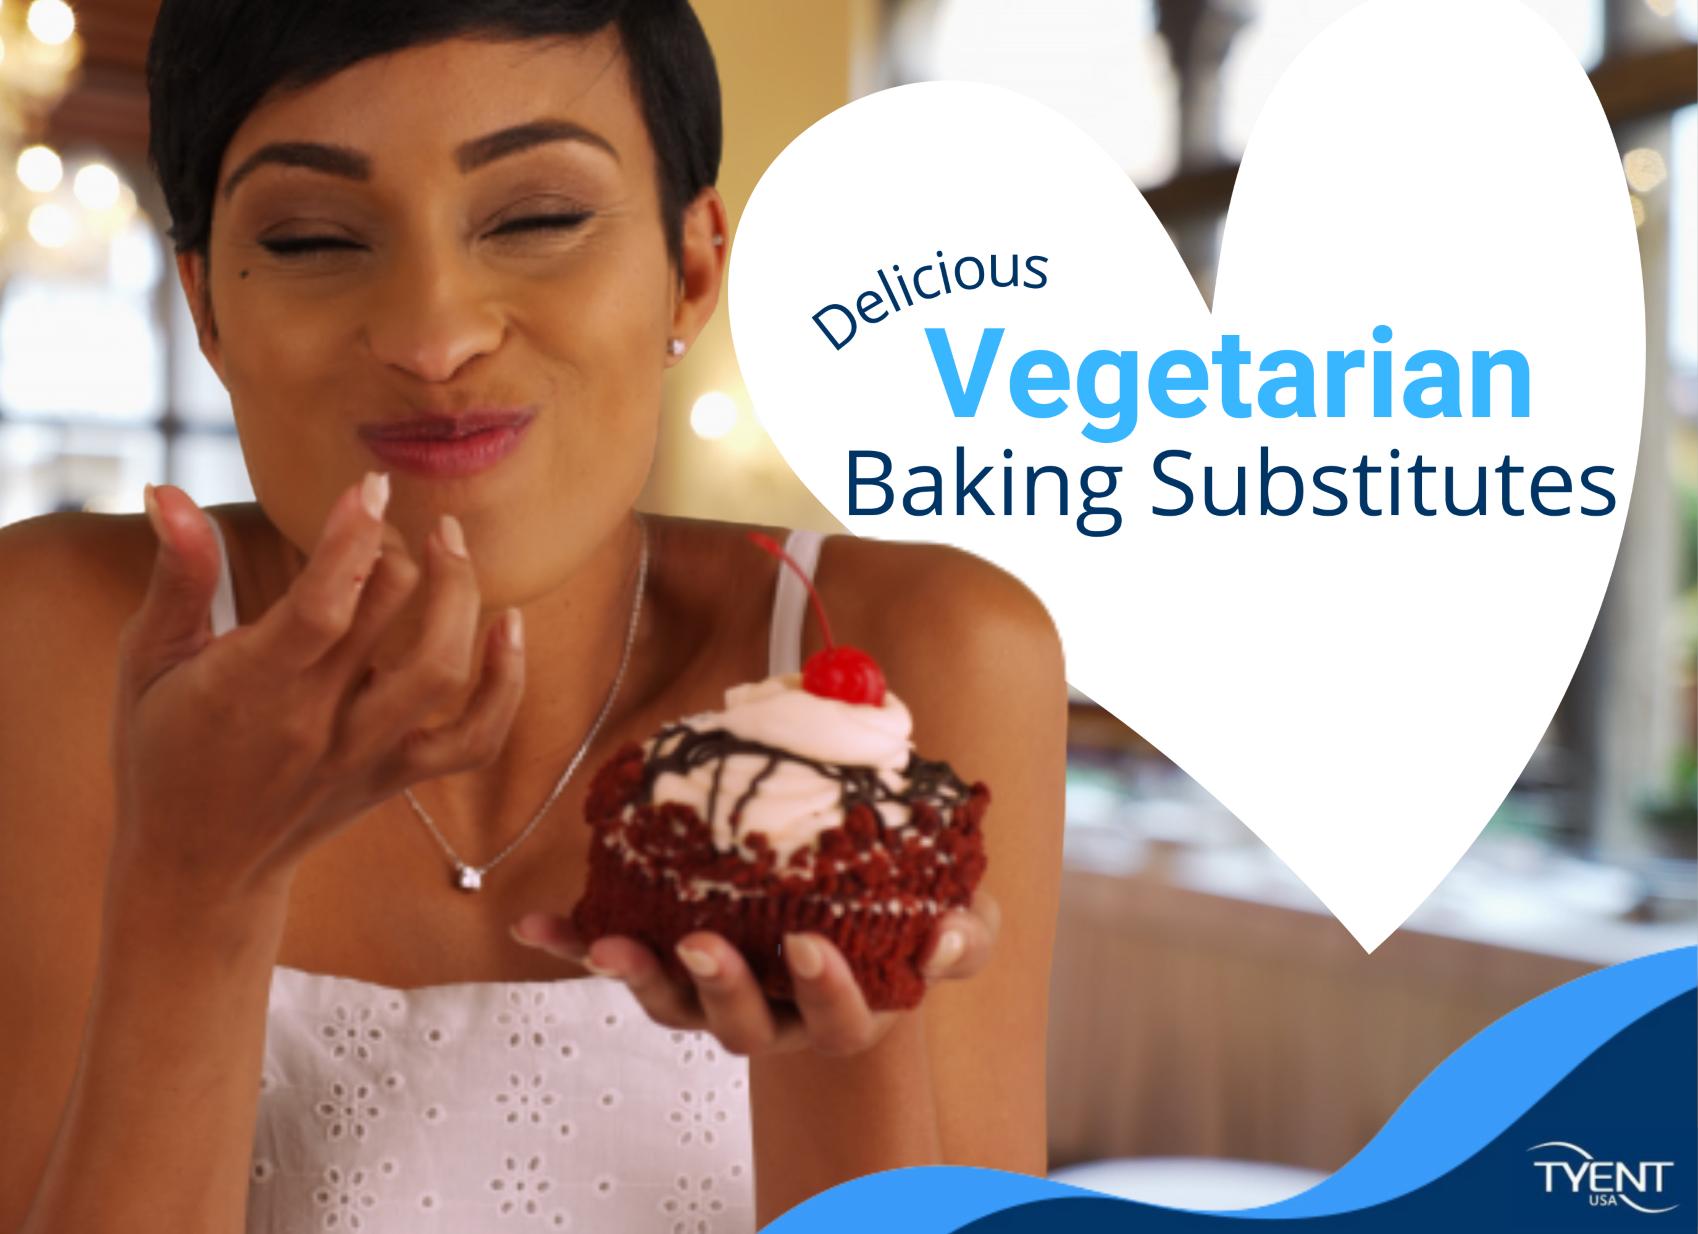 Delicious Vegetarian Baking Substitutes